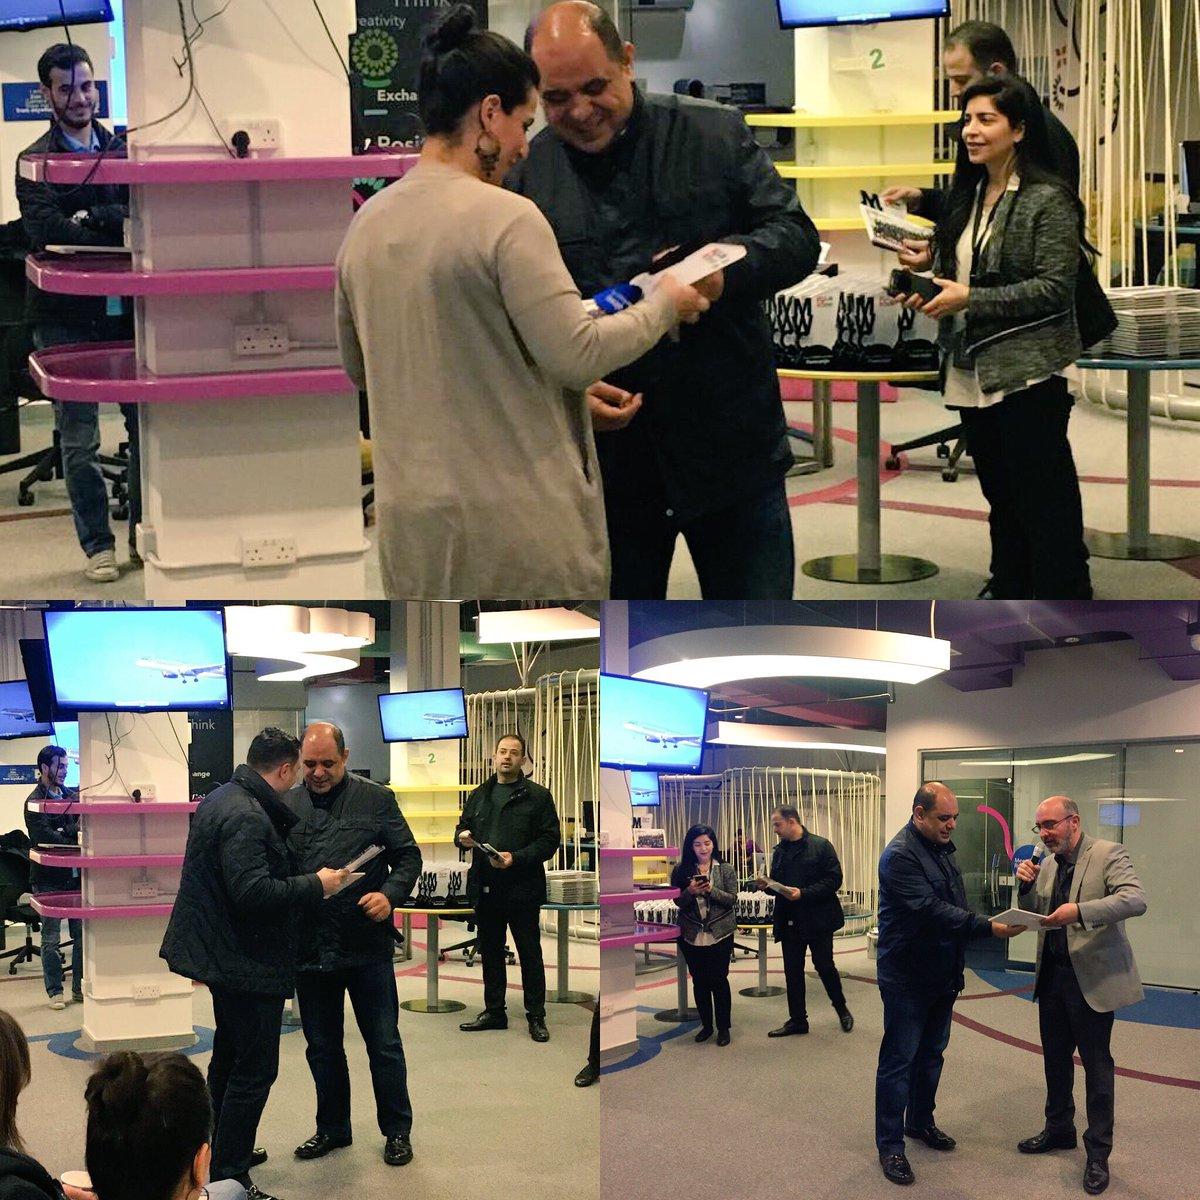 تكريم الجهات الداعمة لأول جناح أردني في مؤتمر الاتصالات العالمي في برشلونة #WeCanJo #MWC17 #JO_MWC17 https://t.co/7wGYiXp34j